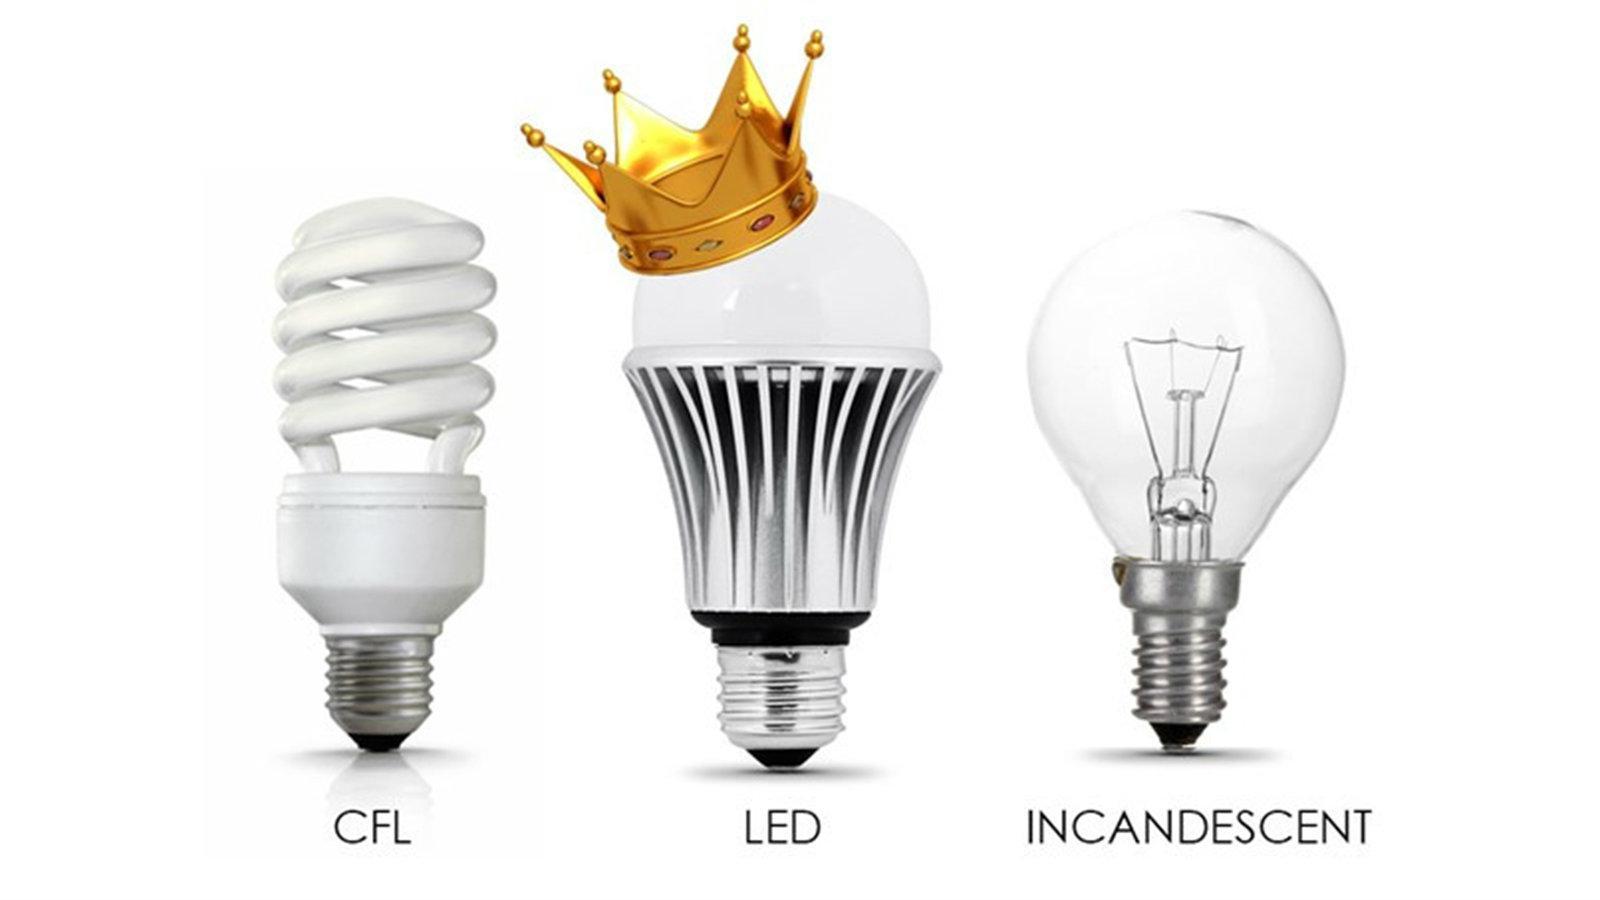 Οι έξυπνες λάμπες LED διαθέτουν συνδεσιμότητα Bluetooth και επιτρέπουν στους χρήστες να έχουν άμεσο έλεγχο στις λάμπες μέσω smartphone ή tablet.